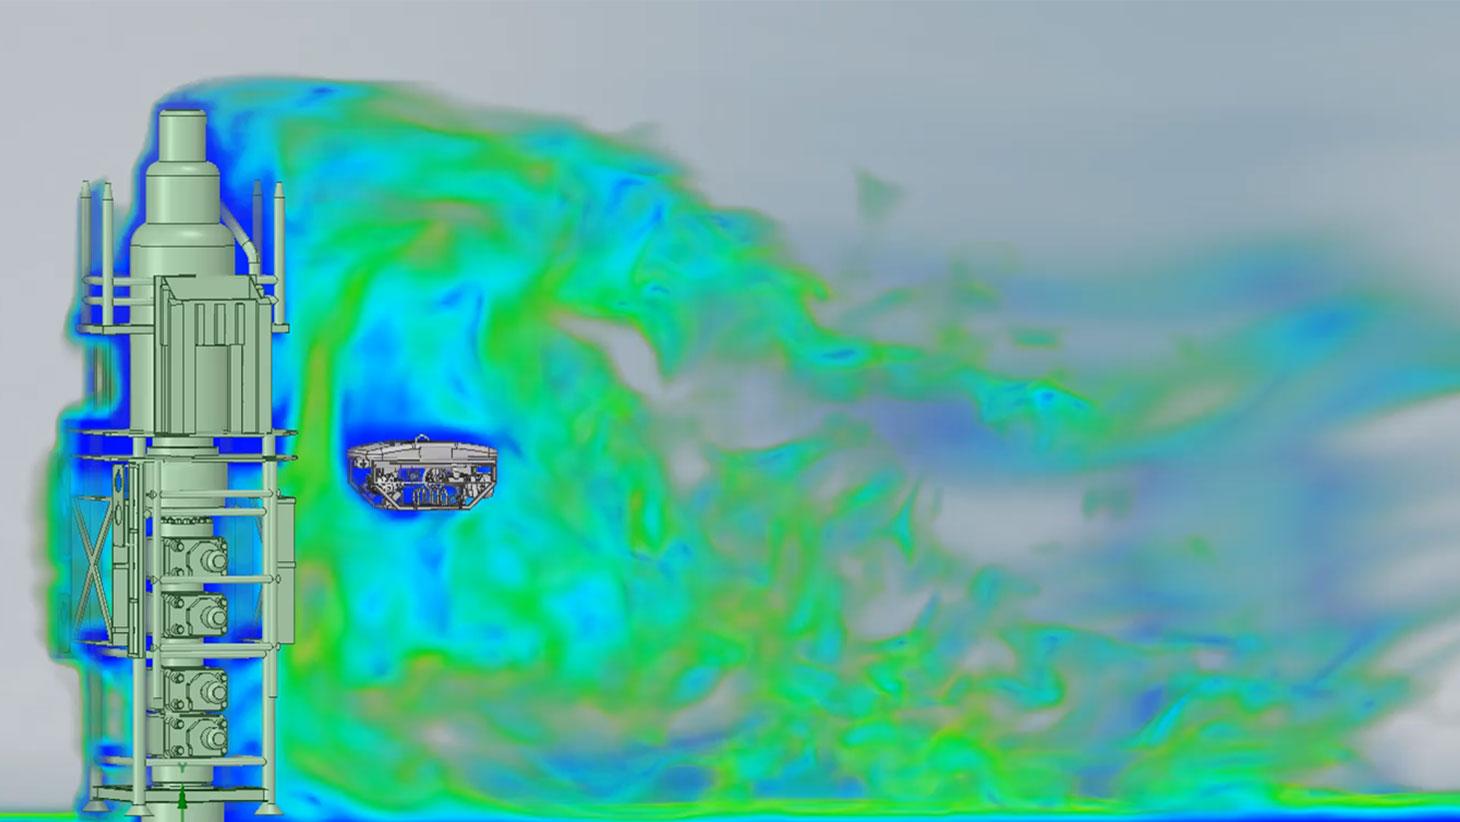 Análisis de dispersión de gases